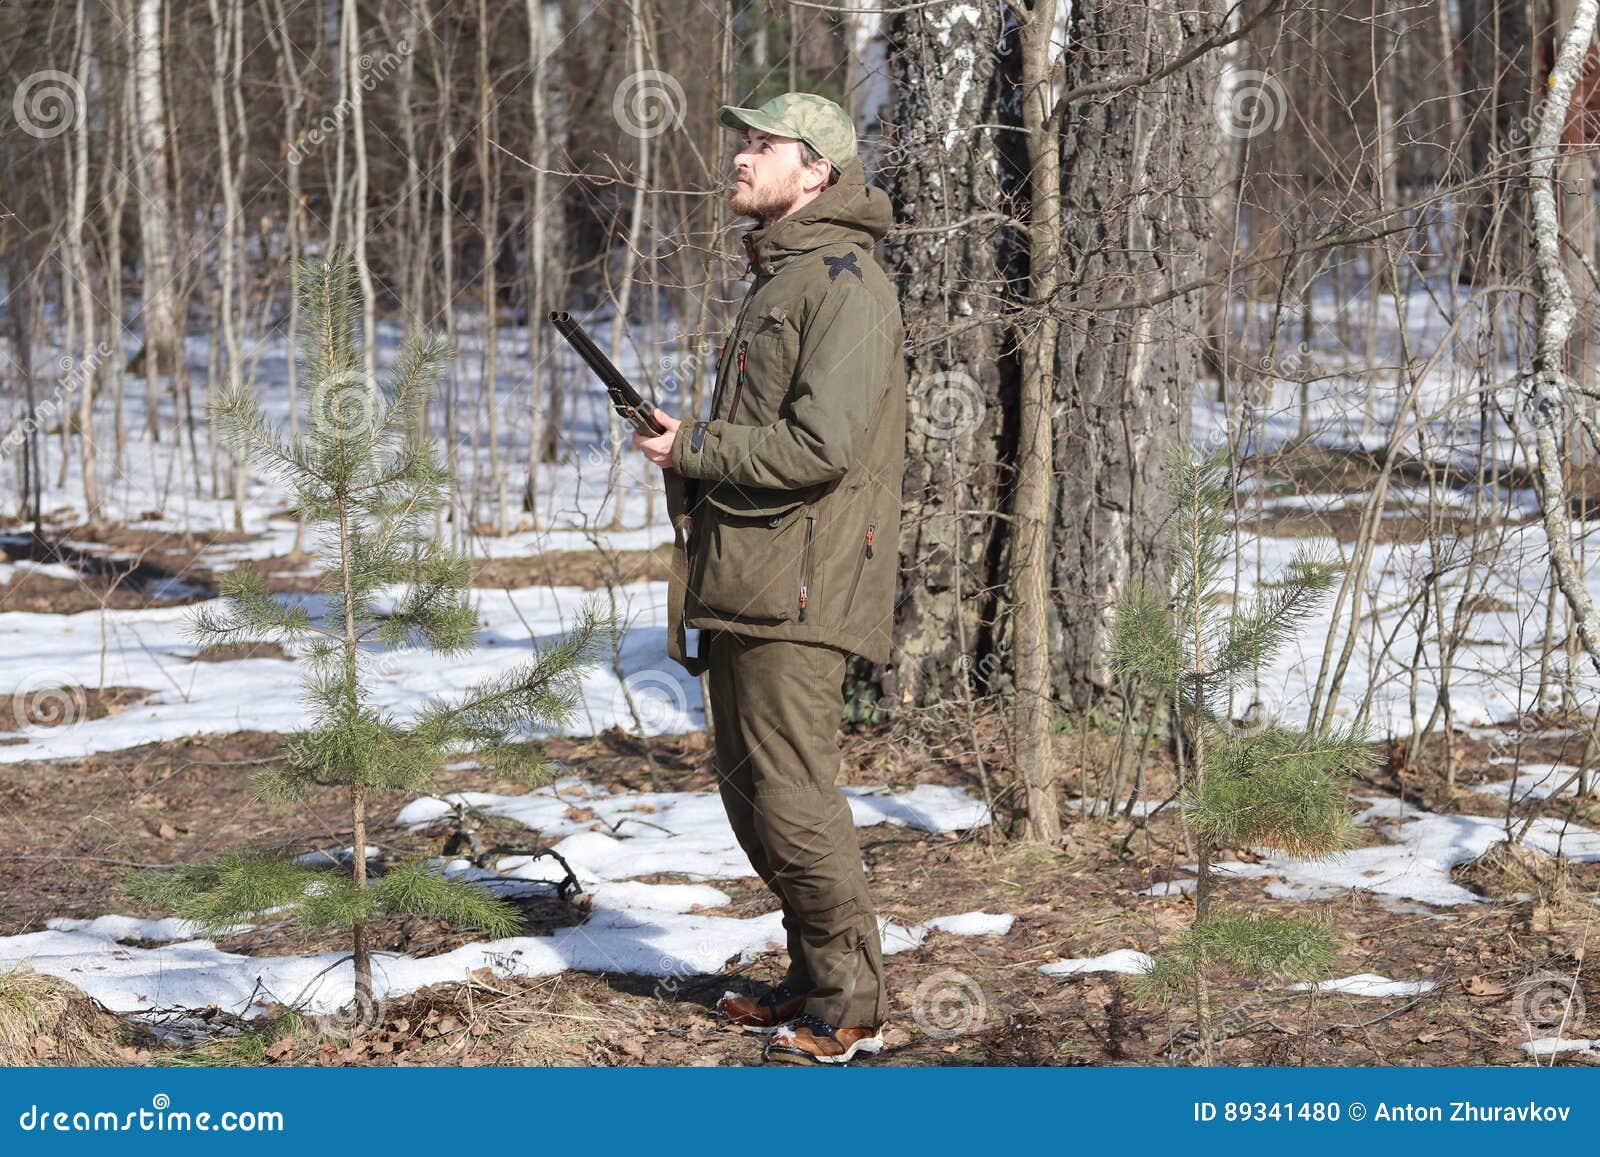 Jägermann in der dunklen kakifarbigen Kleidung im Wald